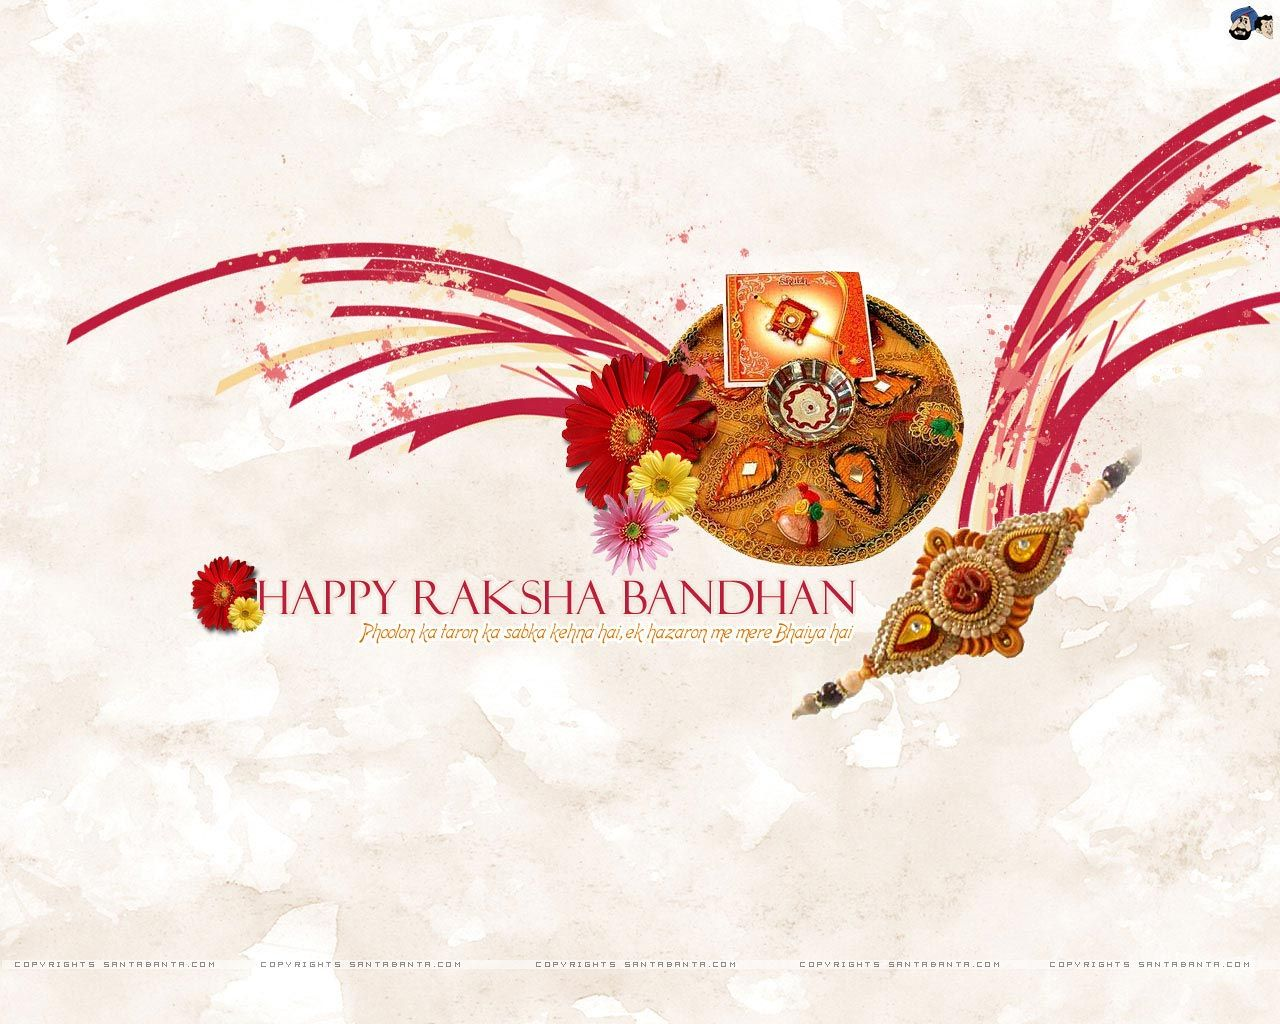 Santa Banta Raksha Bandhan Wallpapers Download Raksha Bandhan Wishes Happy Raksha Bandhan Images Happy Rakshabandhan